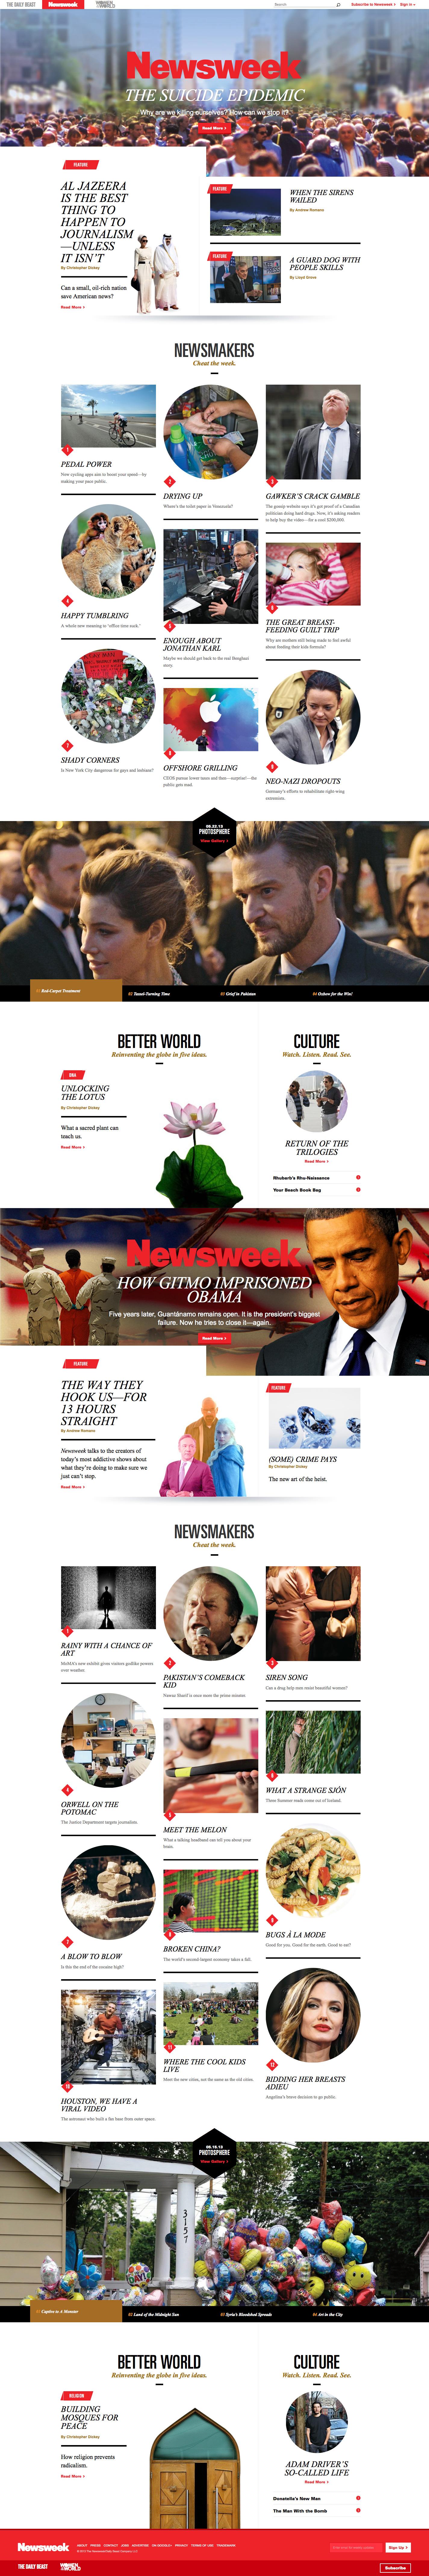 Newsweek 2.0